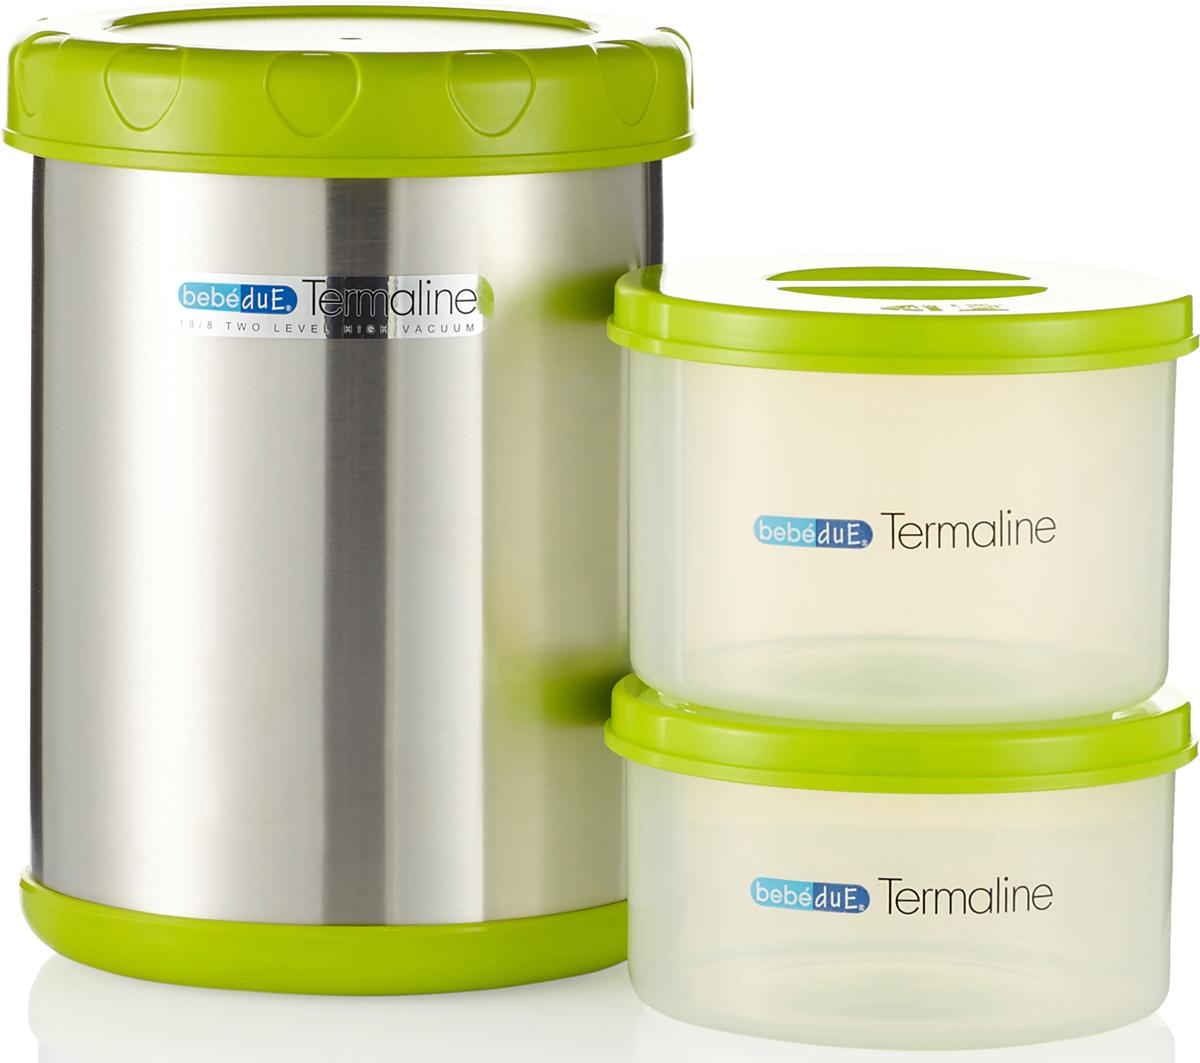 Bebe Due Термос с двумя резервуарами 1,1 л - Все для детского кормления